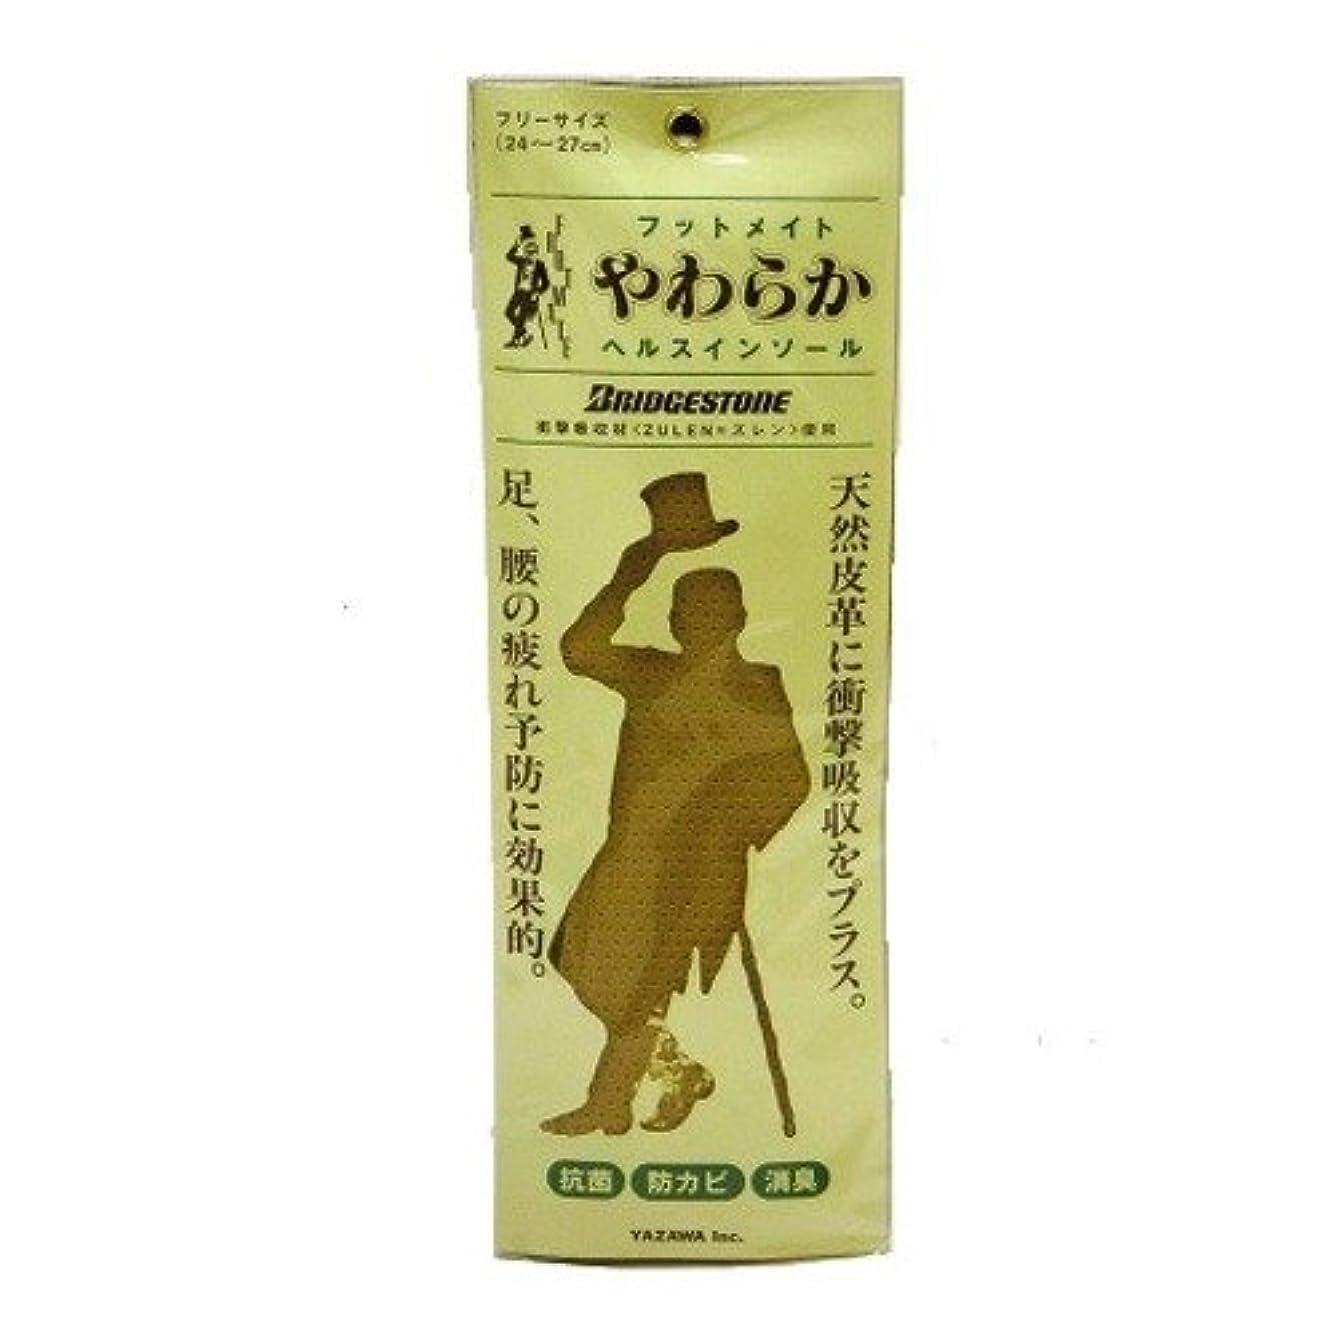 酸っぱい感情大統領矢澤 フットメイトやわらかヘルスインソール 24?27cm